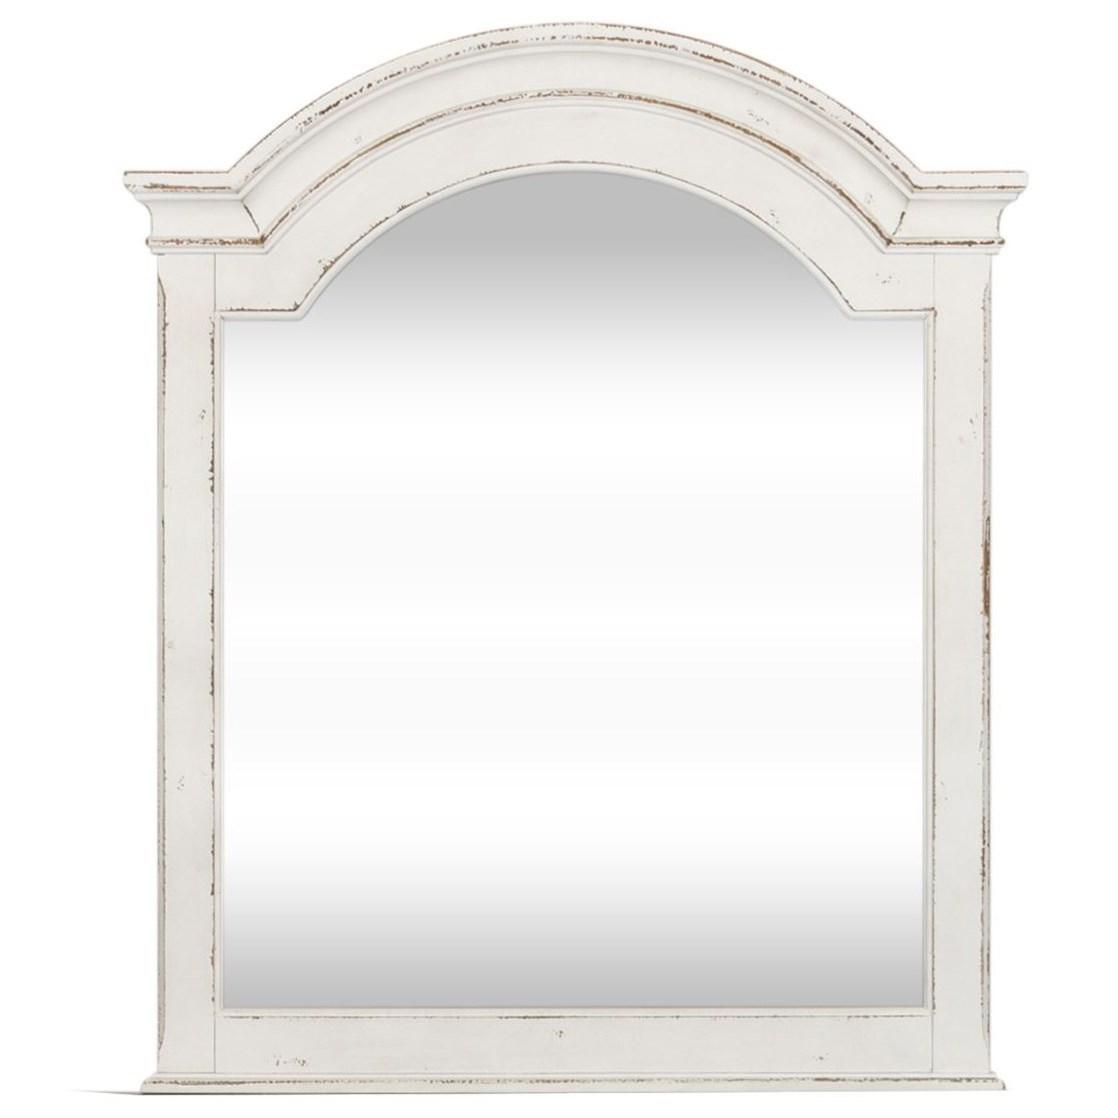 Magnolia Manor Mirror by Sarah Randolph Designs at Virginia Furniture Market